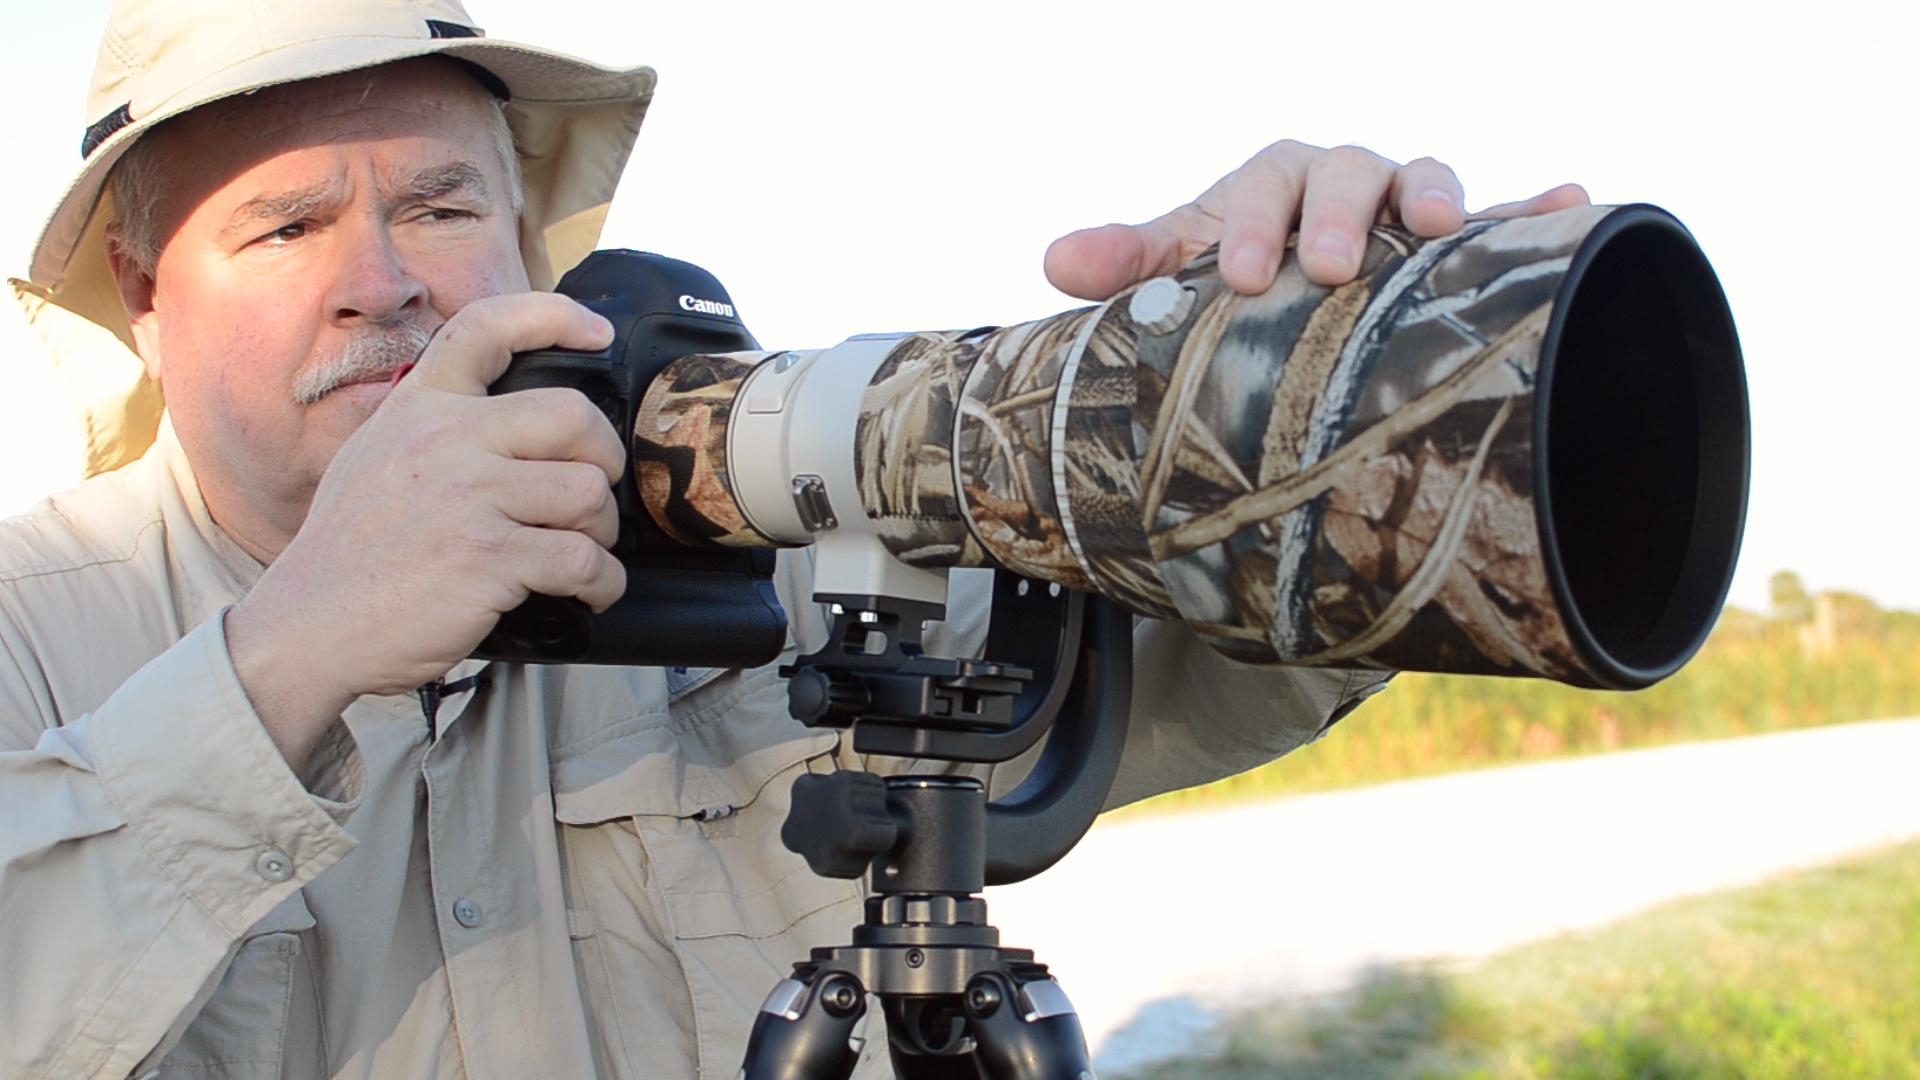 Proper Long Lens Technique Featured